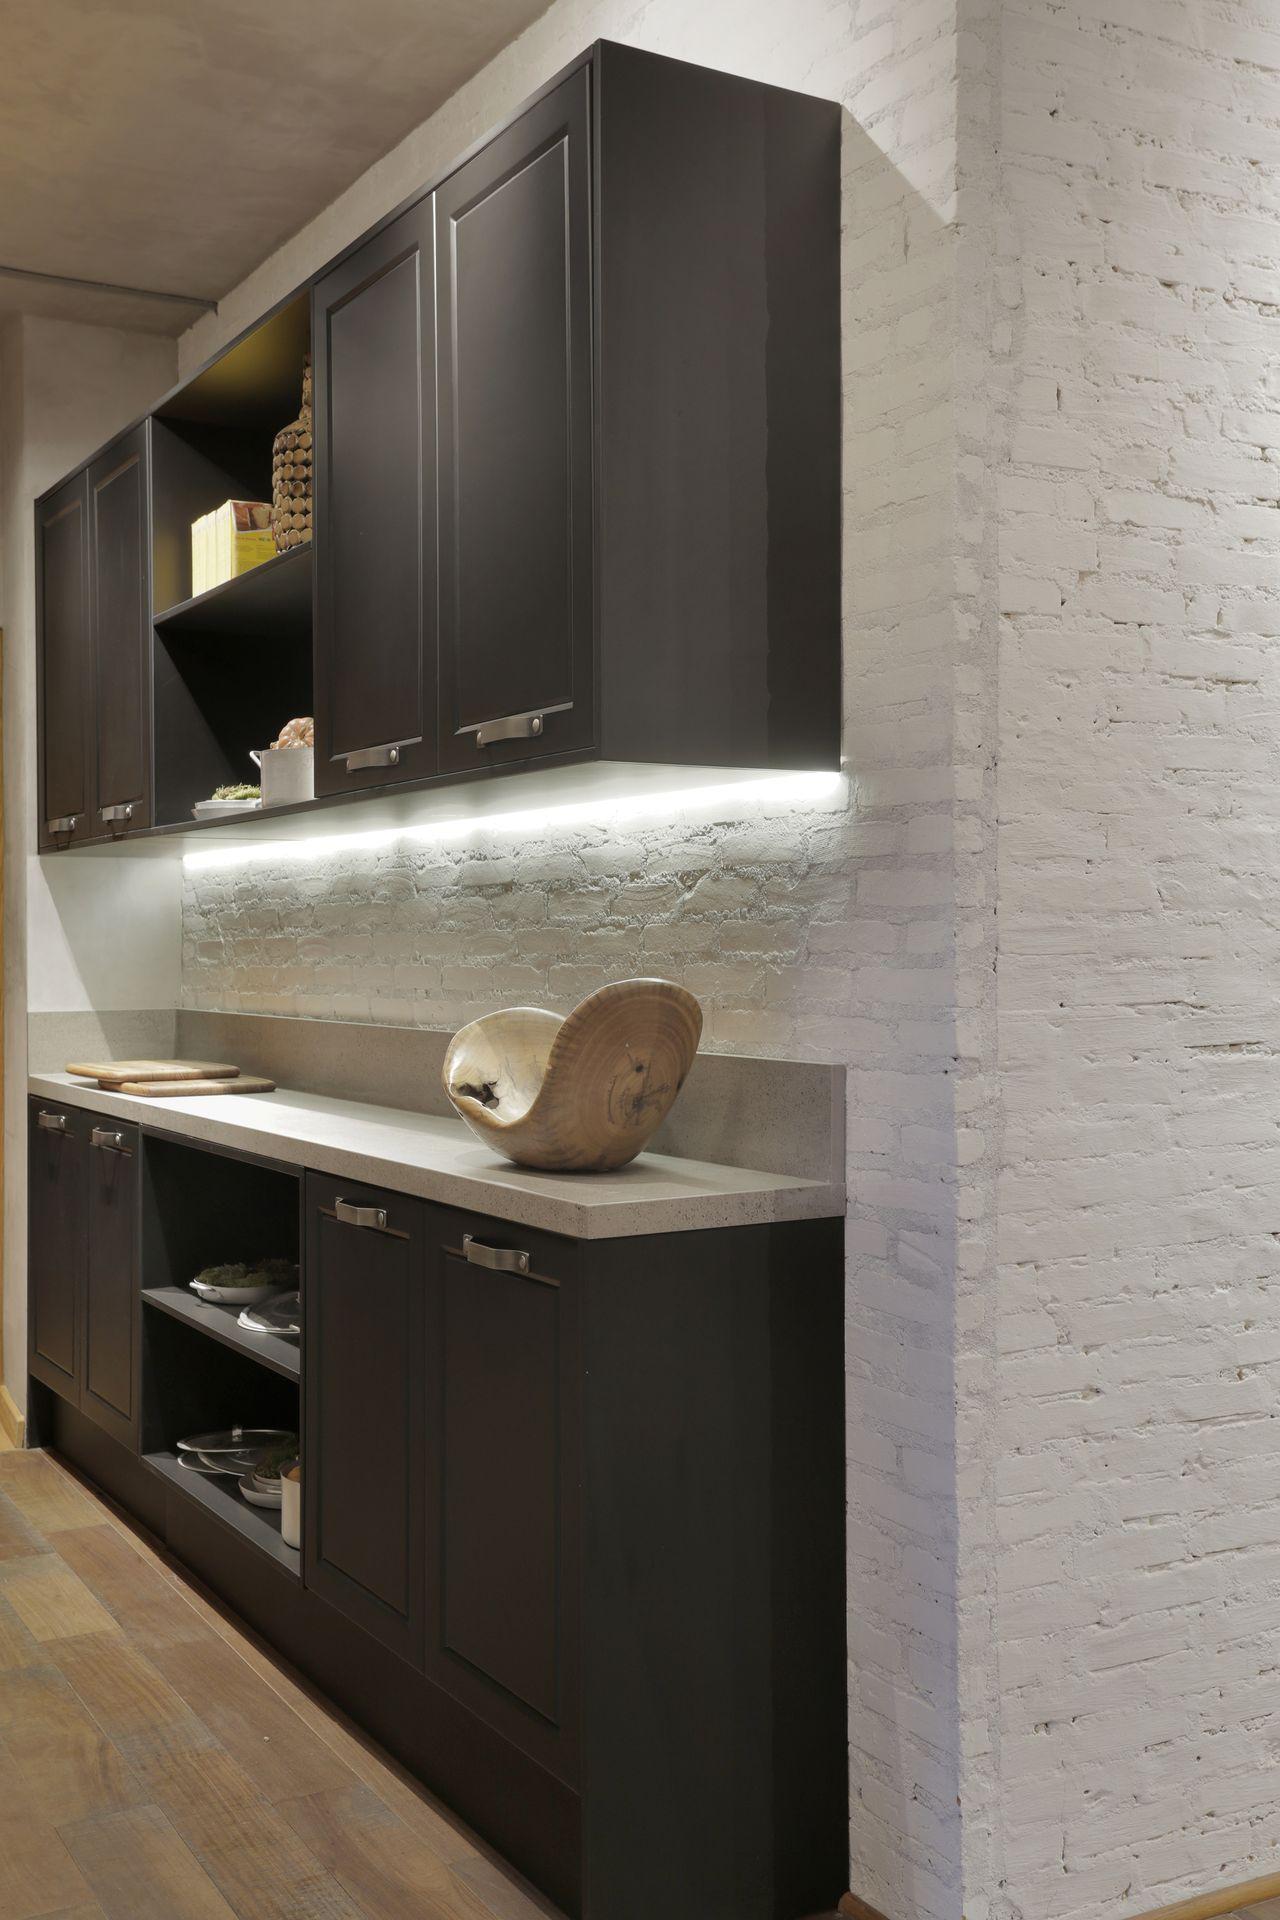 Cozinha Com Arm Rio Preto E Ilumina O Em Led De Rica Salguero  ~ Armario Quarto Casal Com Iluminação Quarto Led